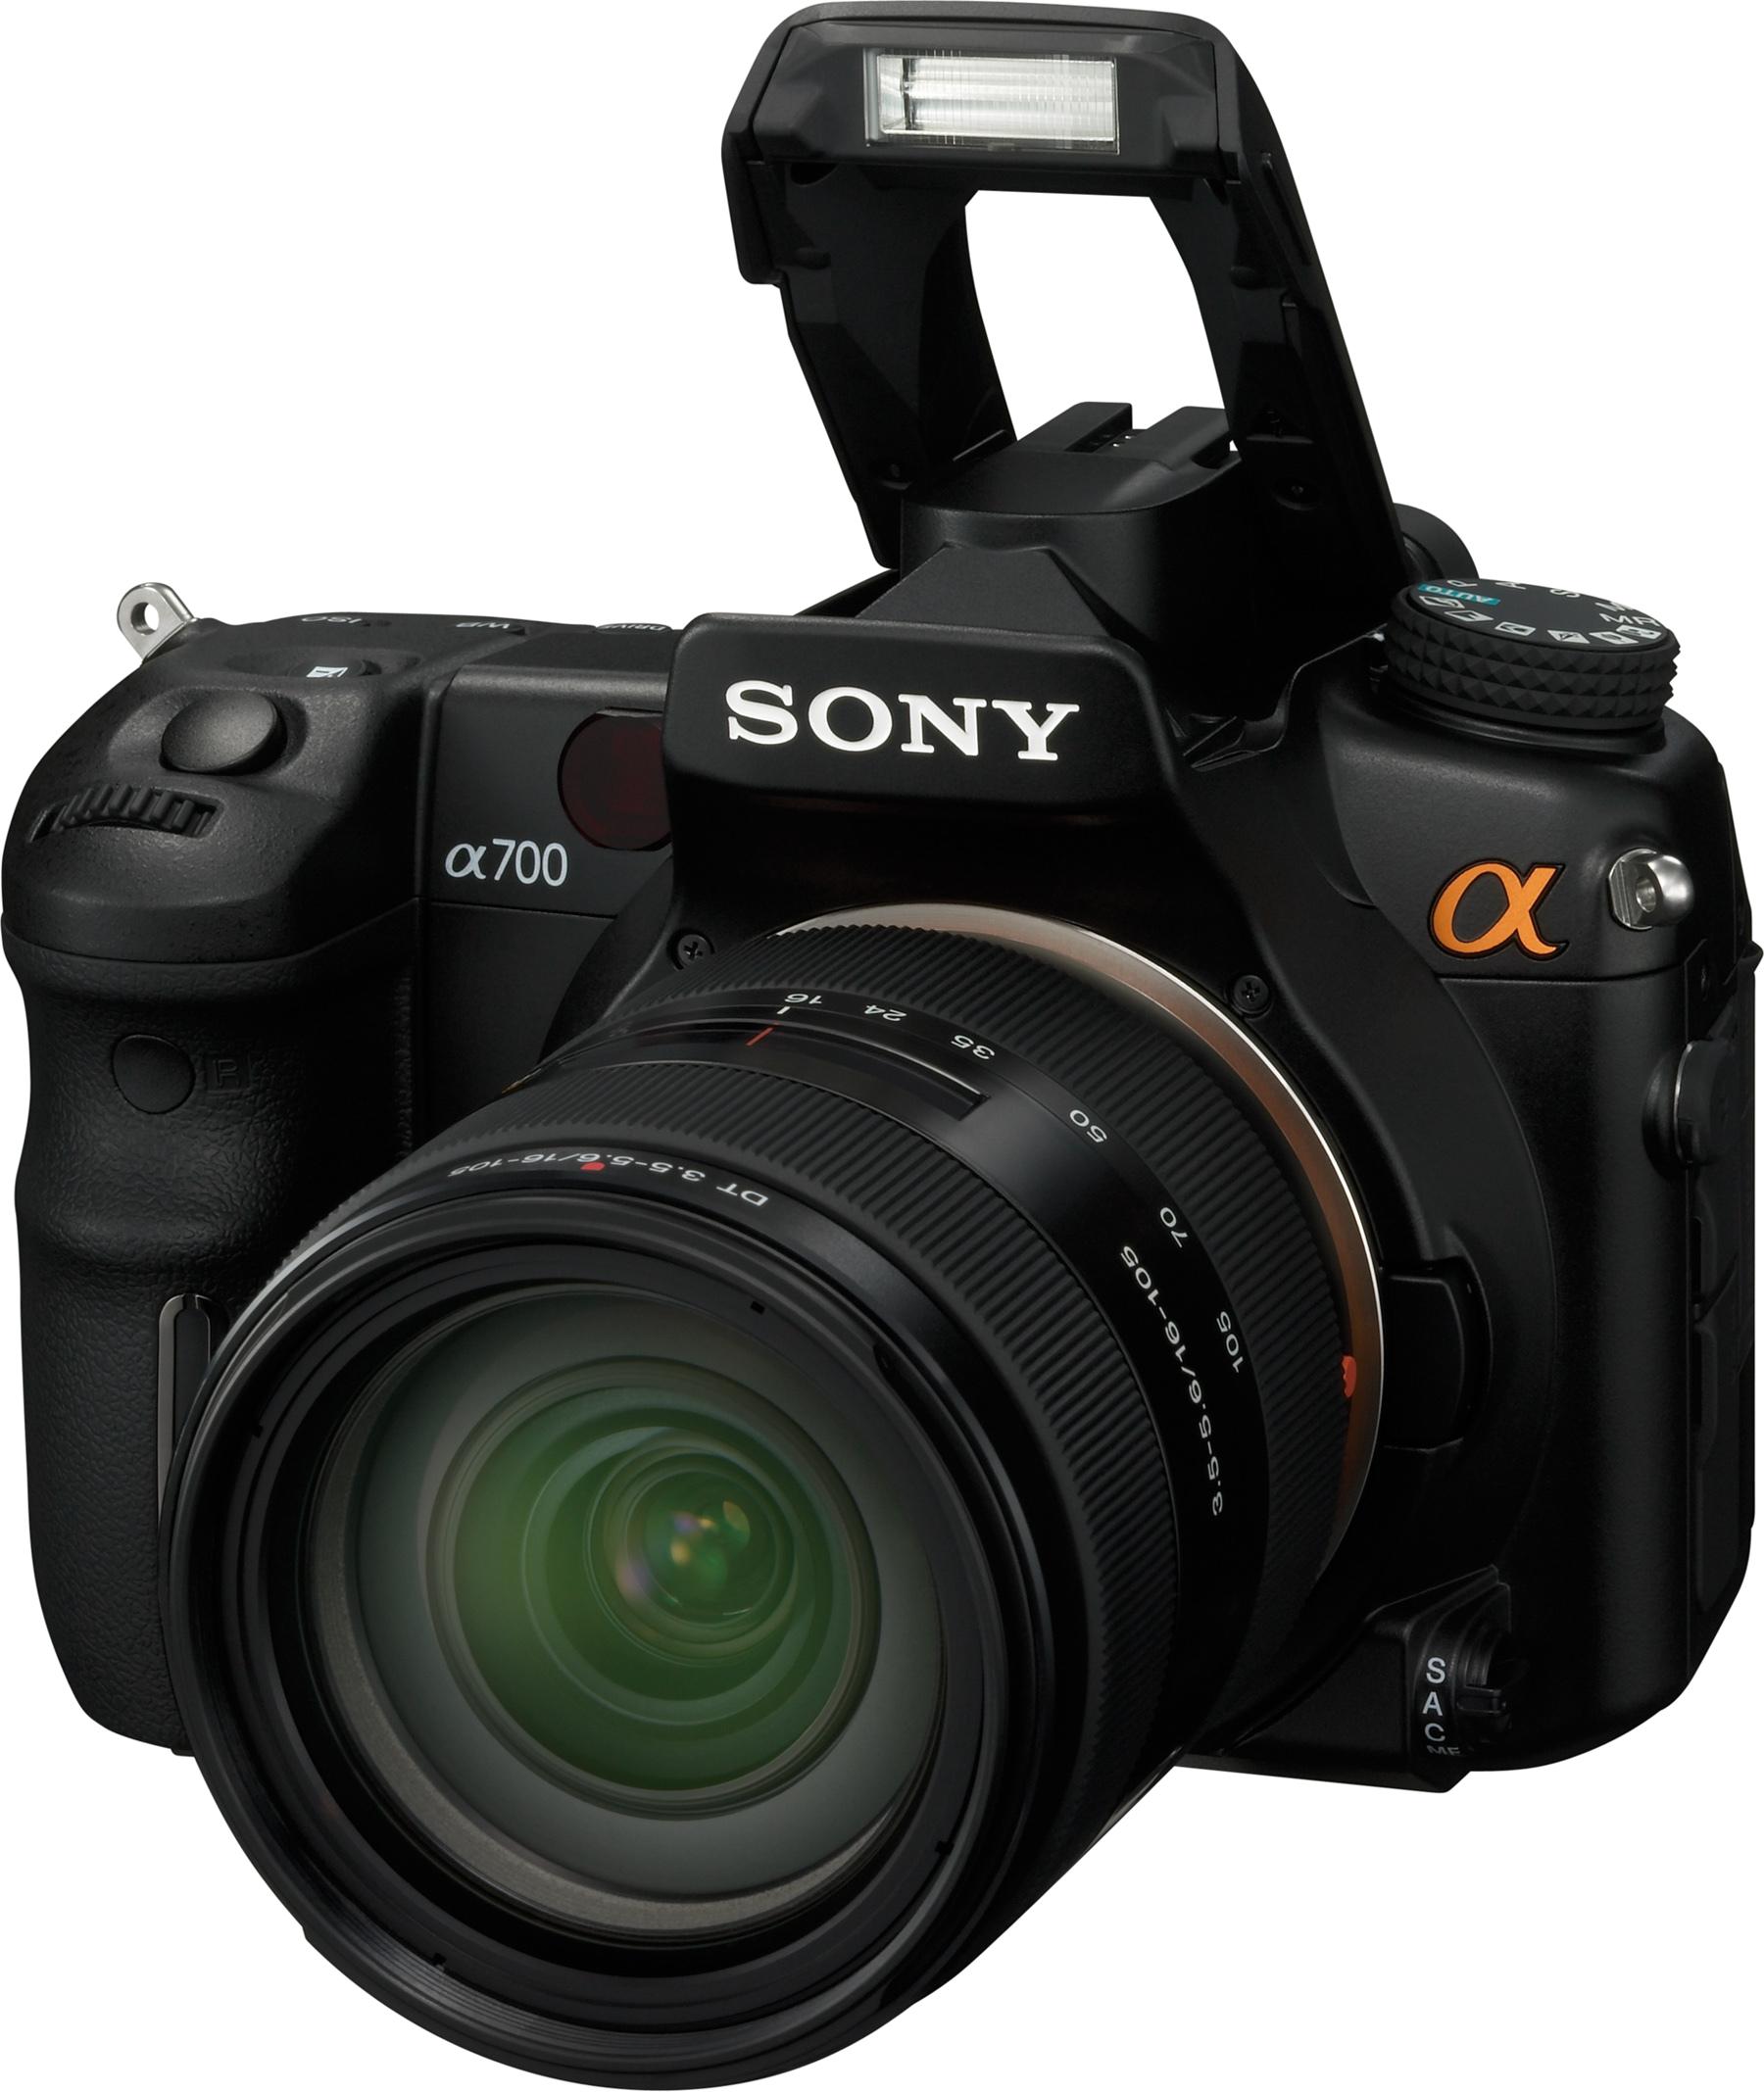 photo camera PNG image - PNG Fotokamera